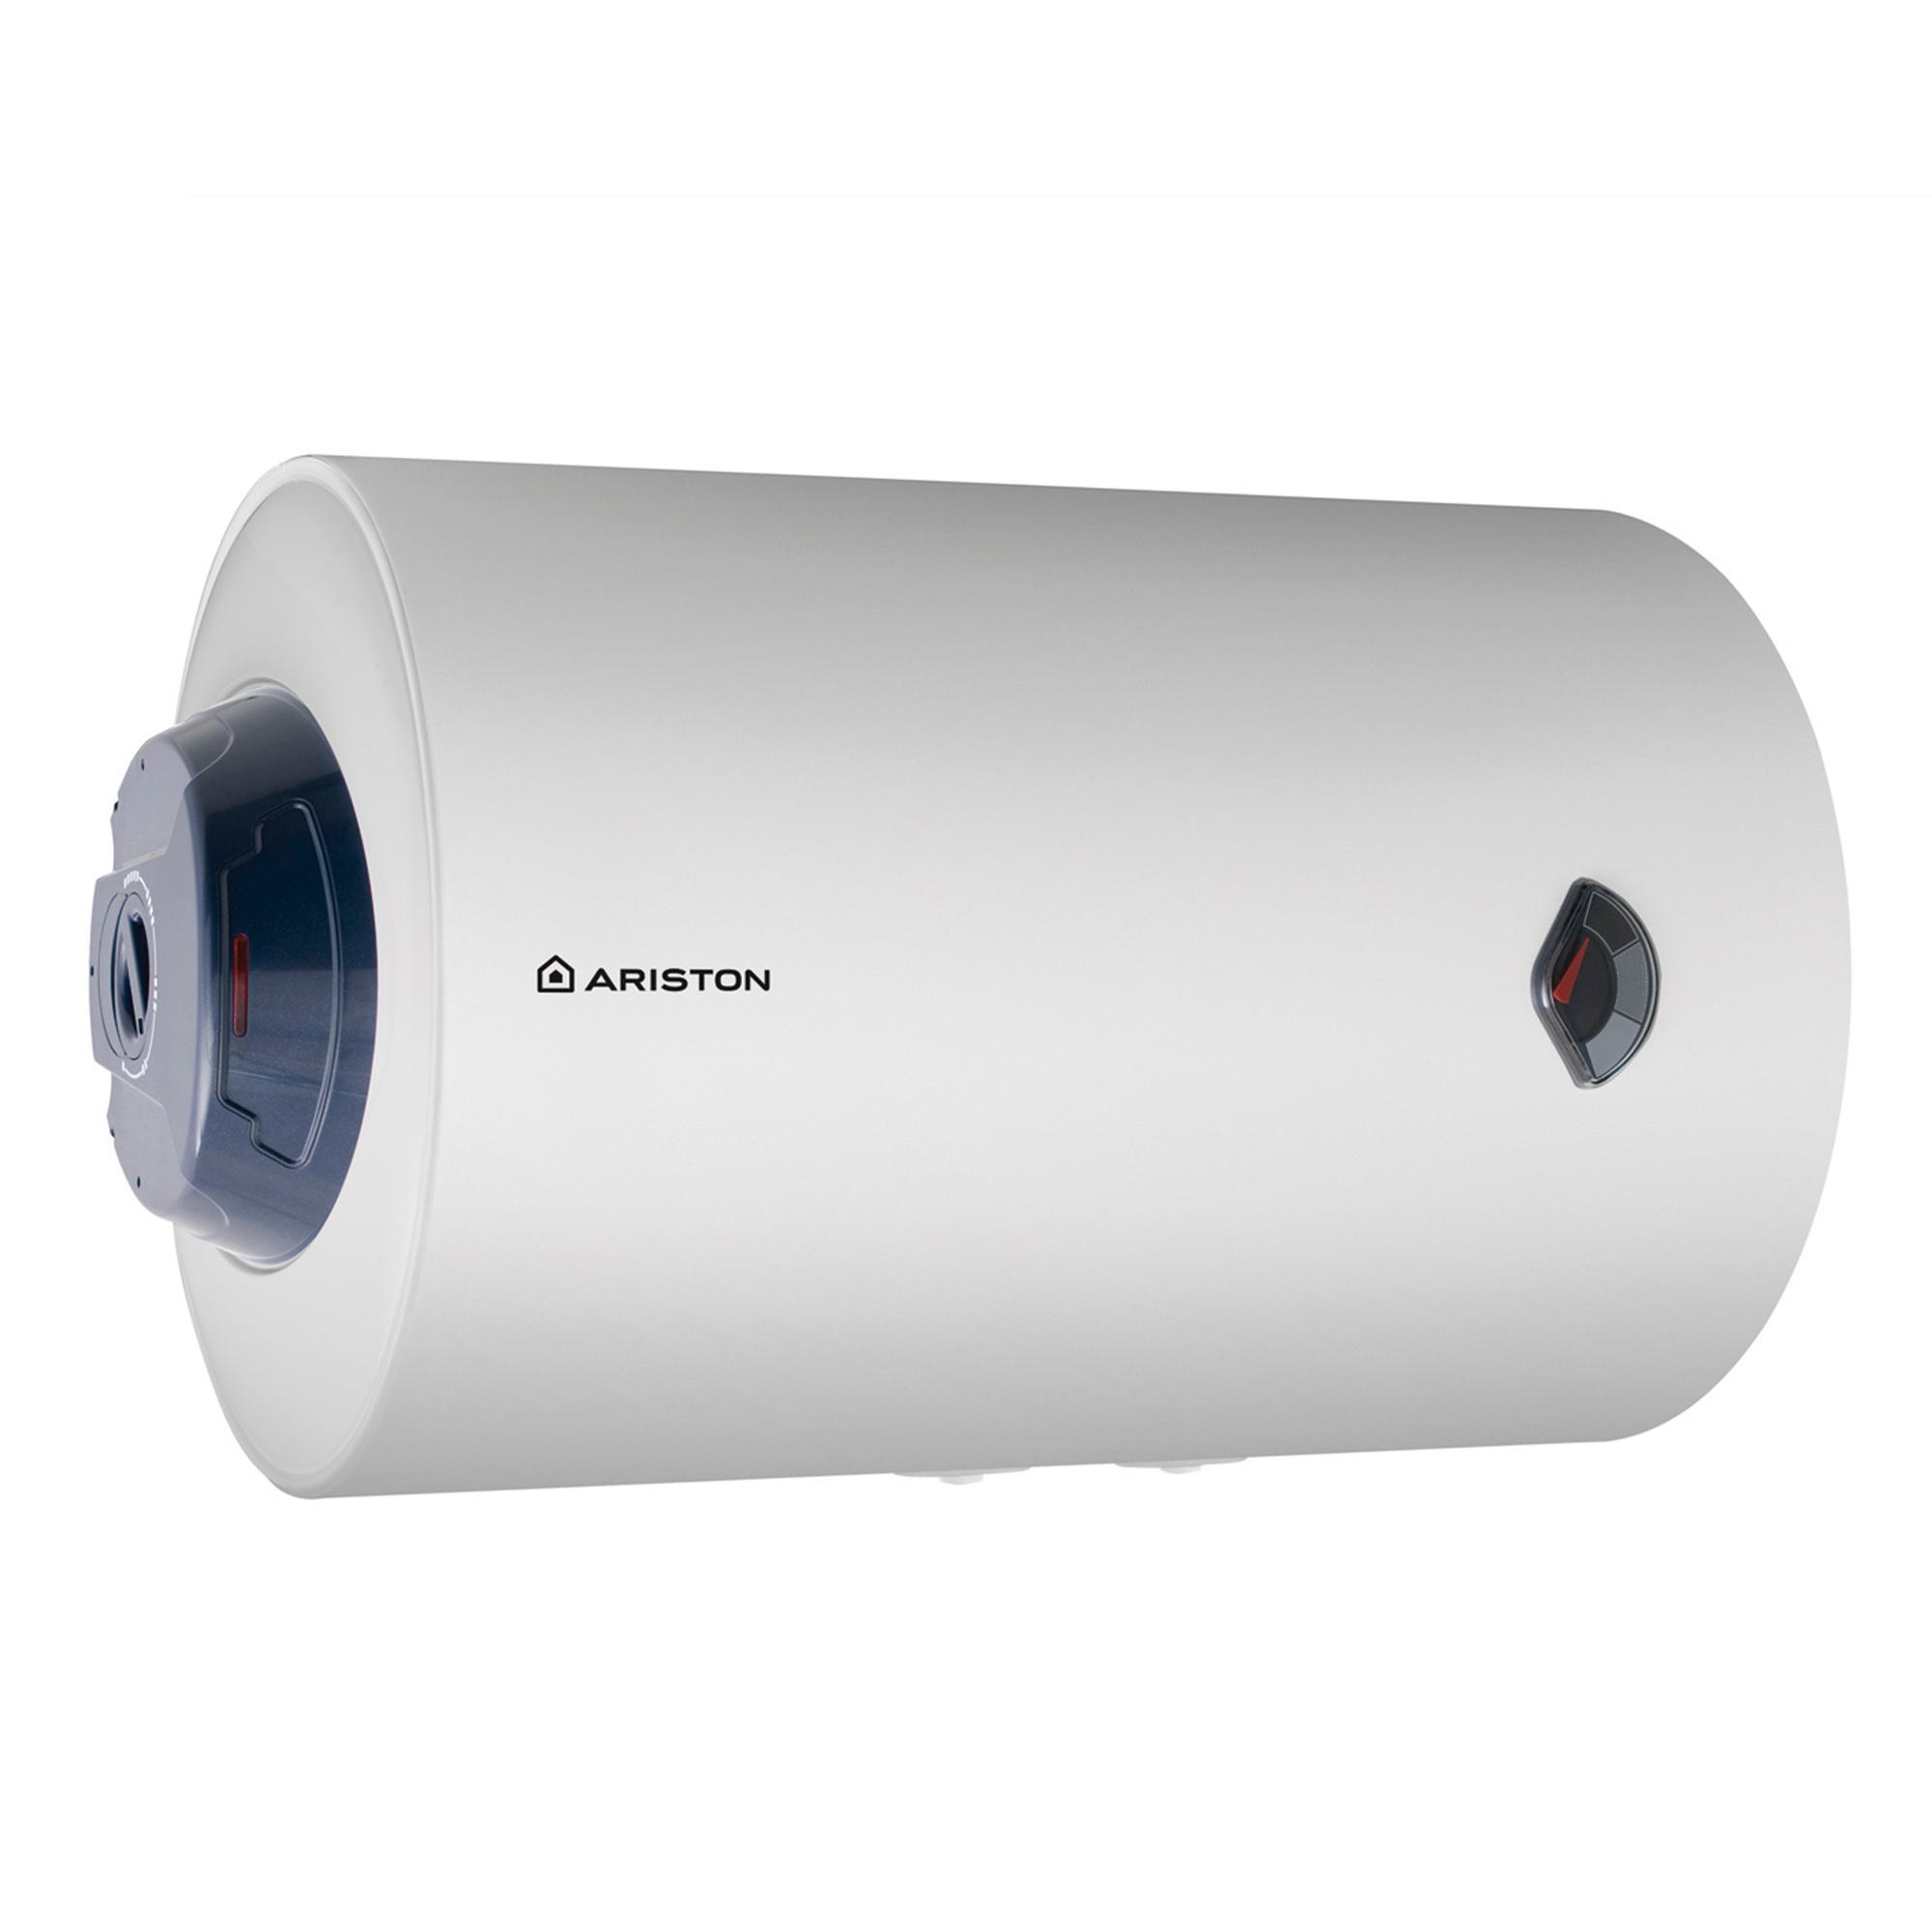 Ariston 3200811 scaldabagno elettrico 80 litri bianco fai da te - Scaldabagno elettrico ariston 50 litri prezzi ...